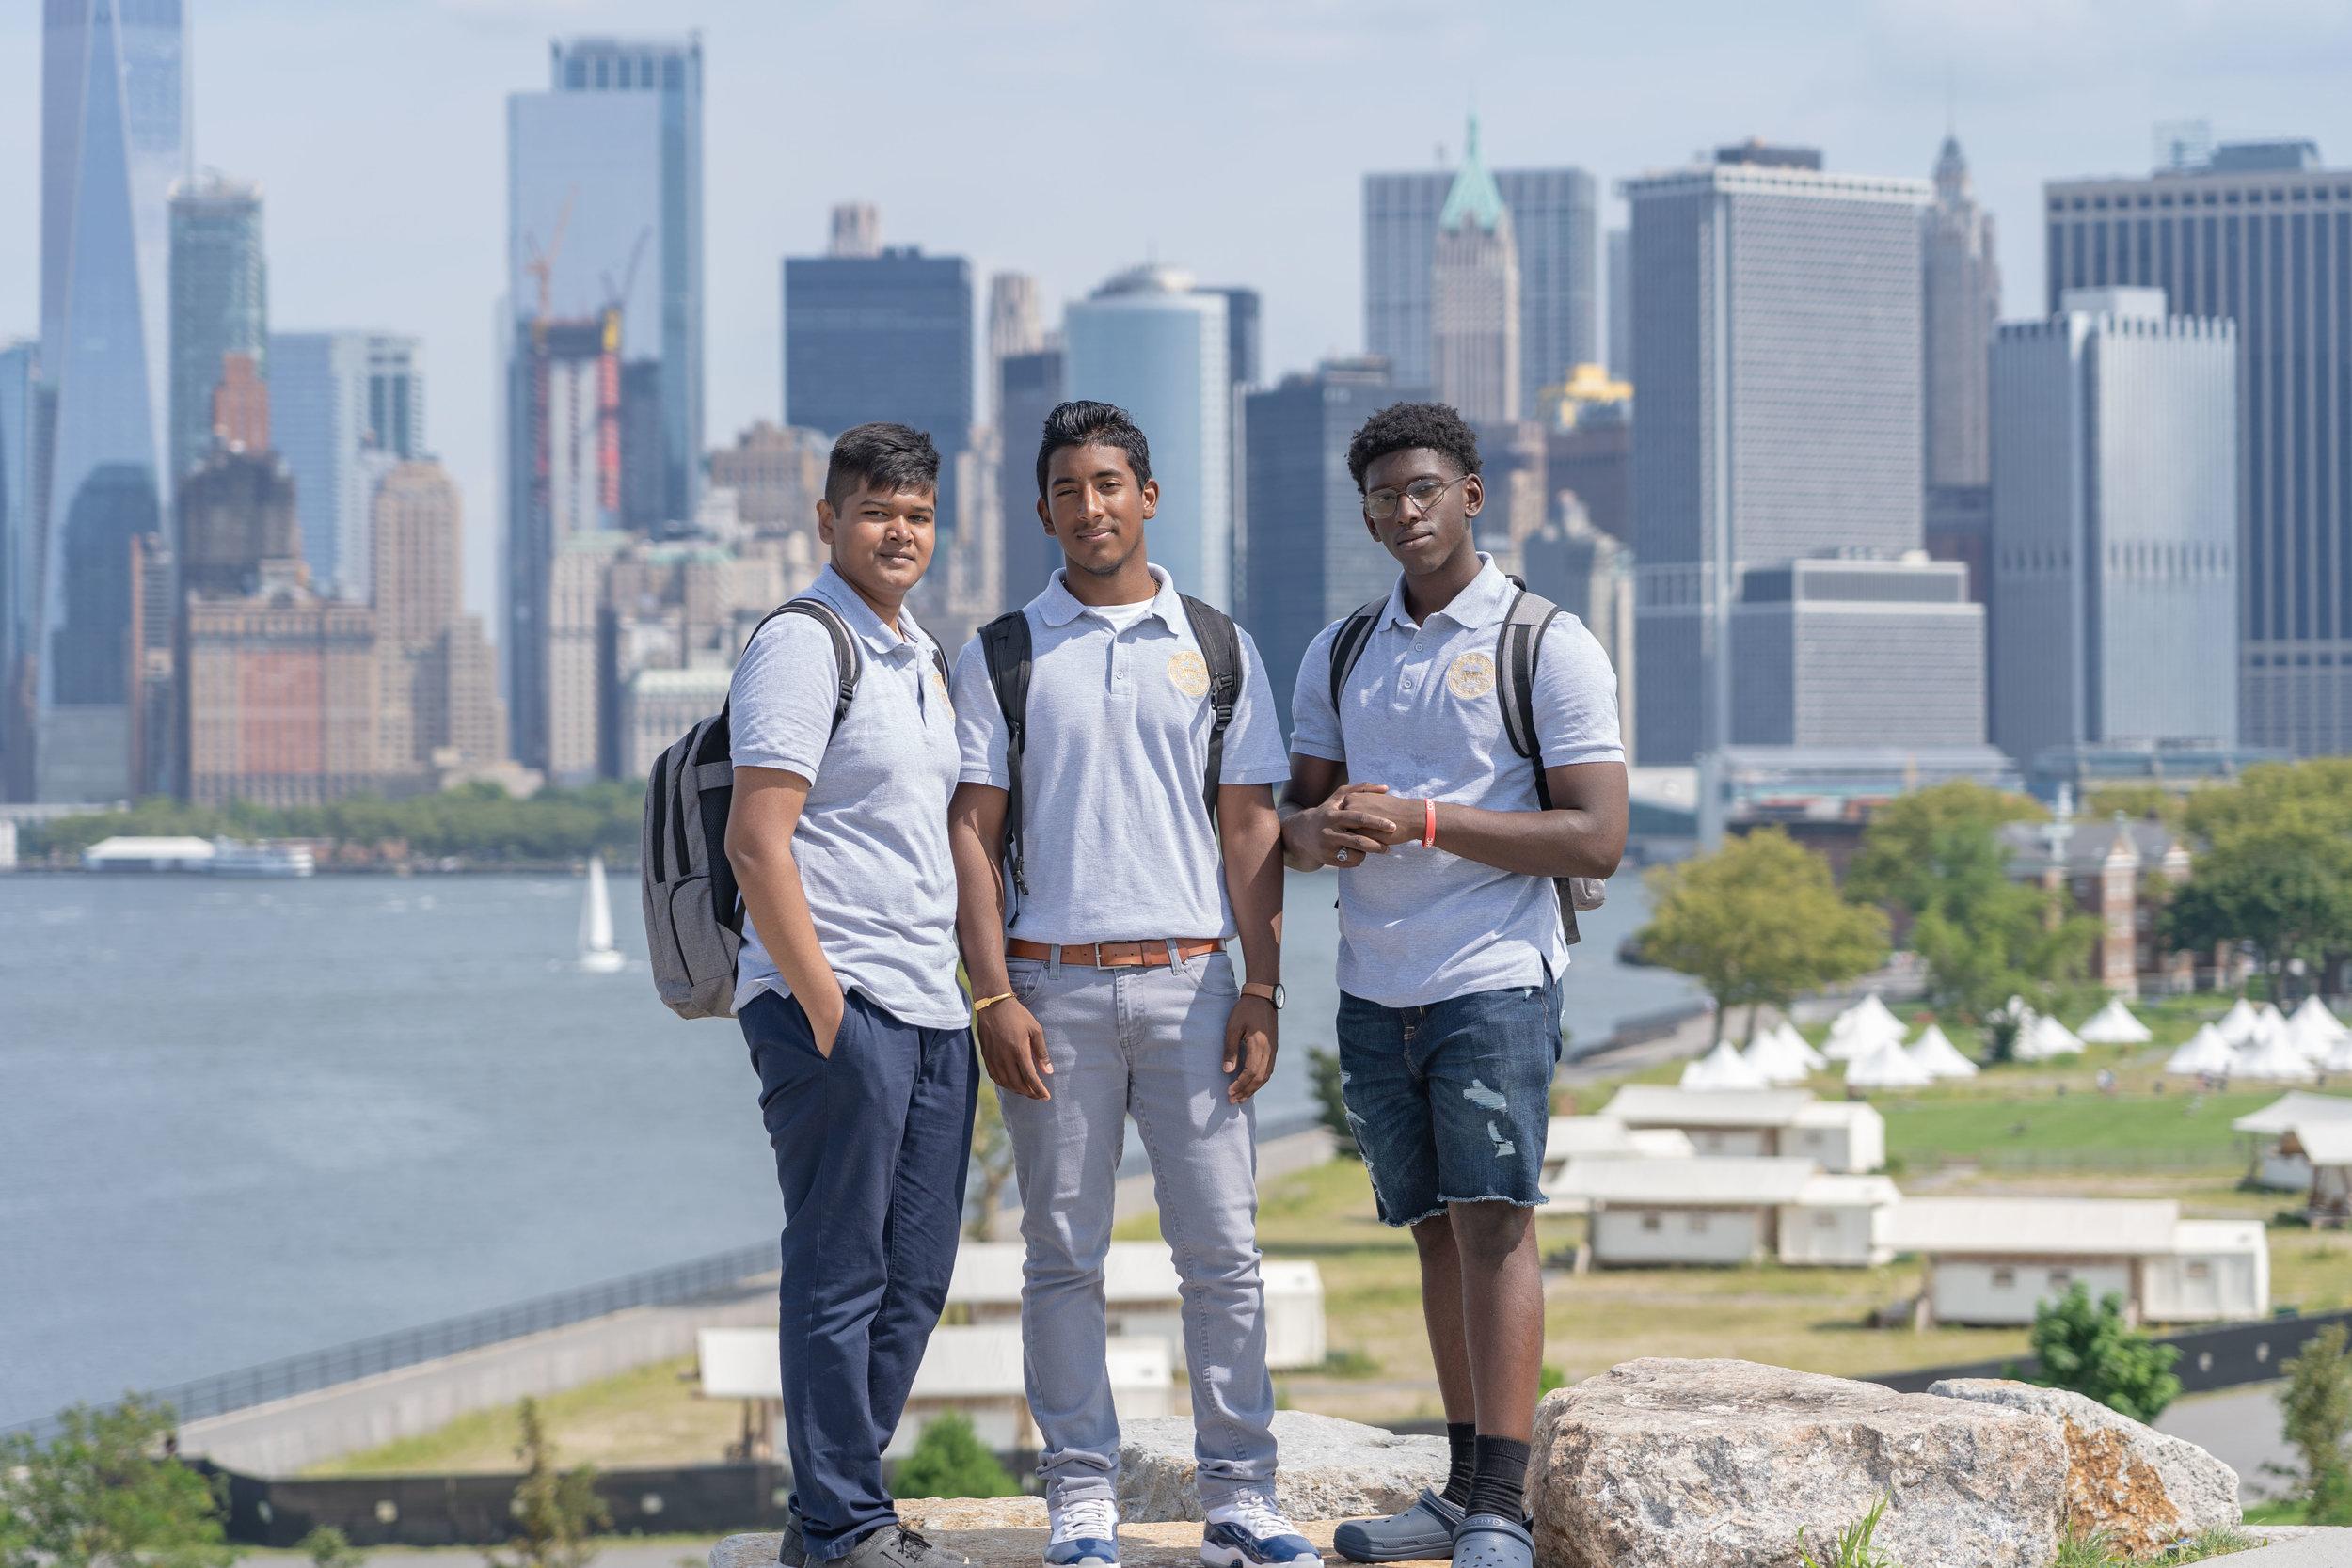 NYC Urban Ambassadors at Governors Island. Photo by Andy Isaacson